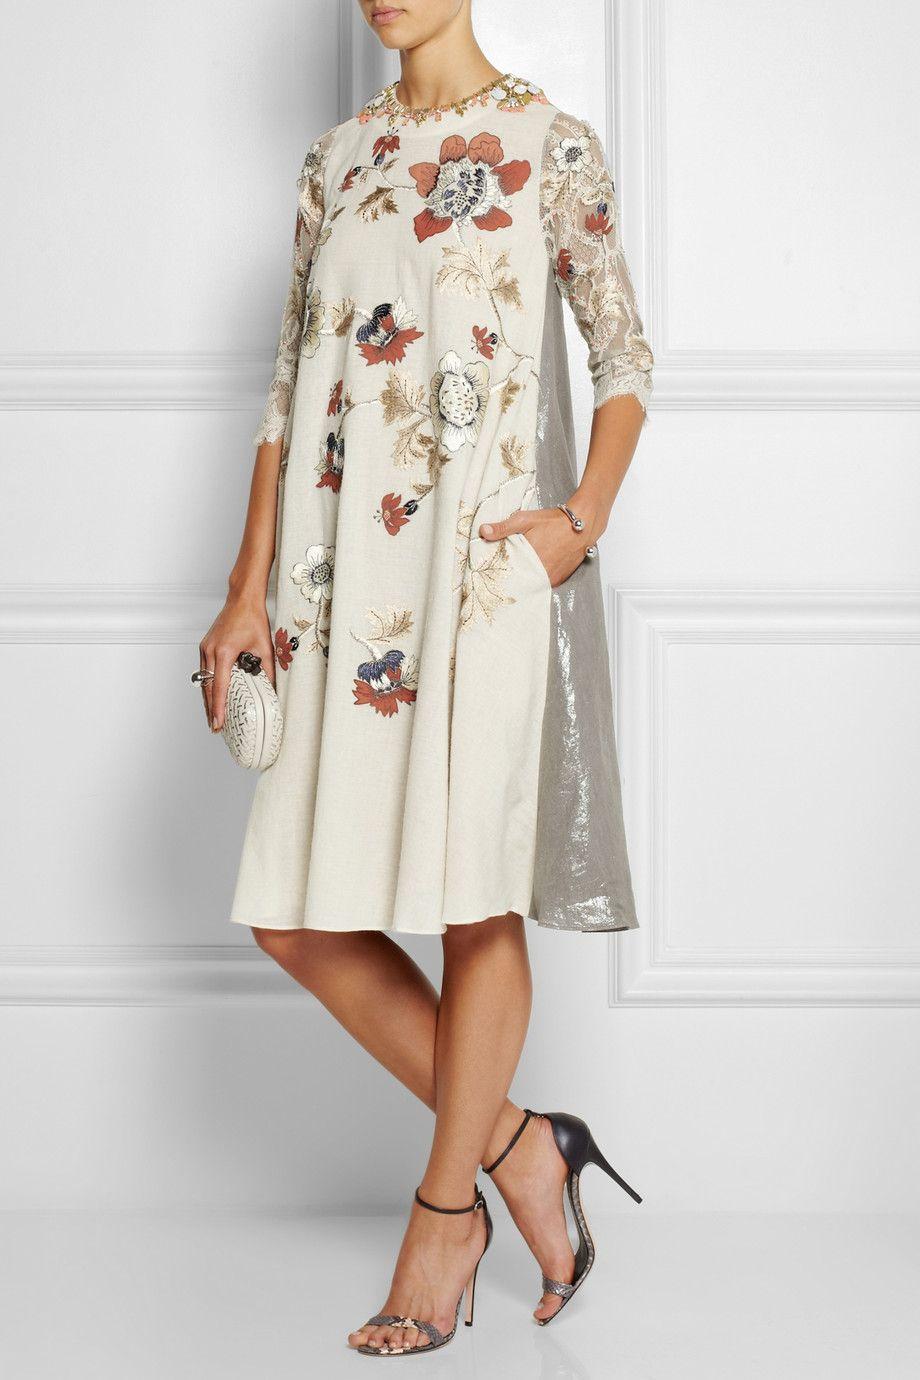 Küchengestaltung im europäischen stil biyan  liana embellished embroidered voile lace and lamé dress